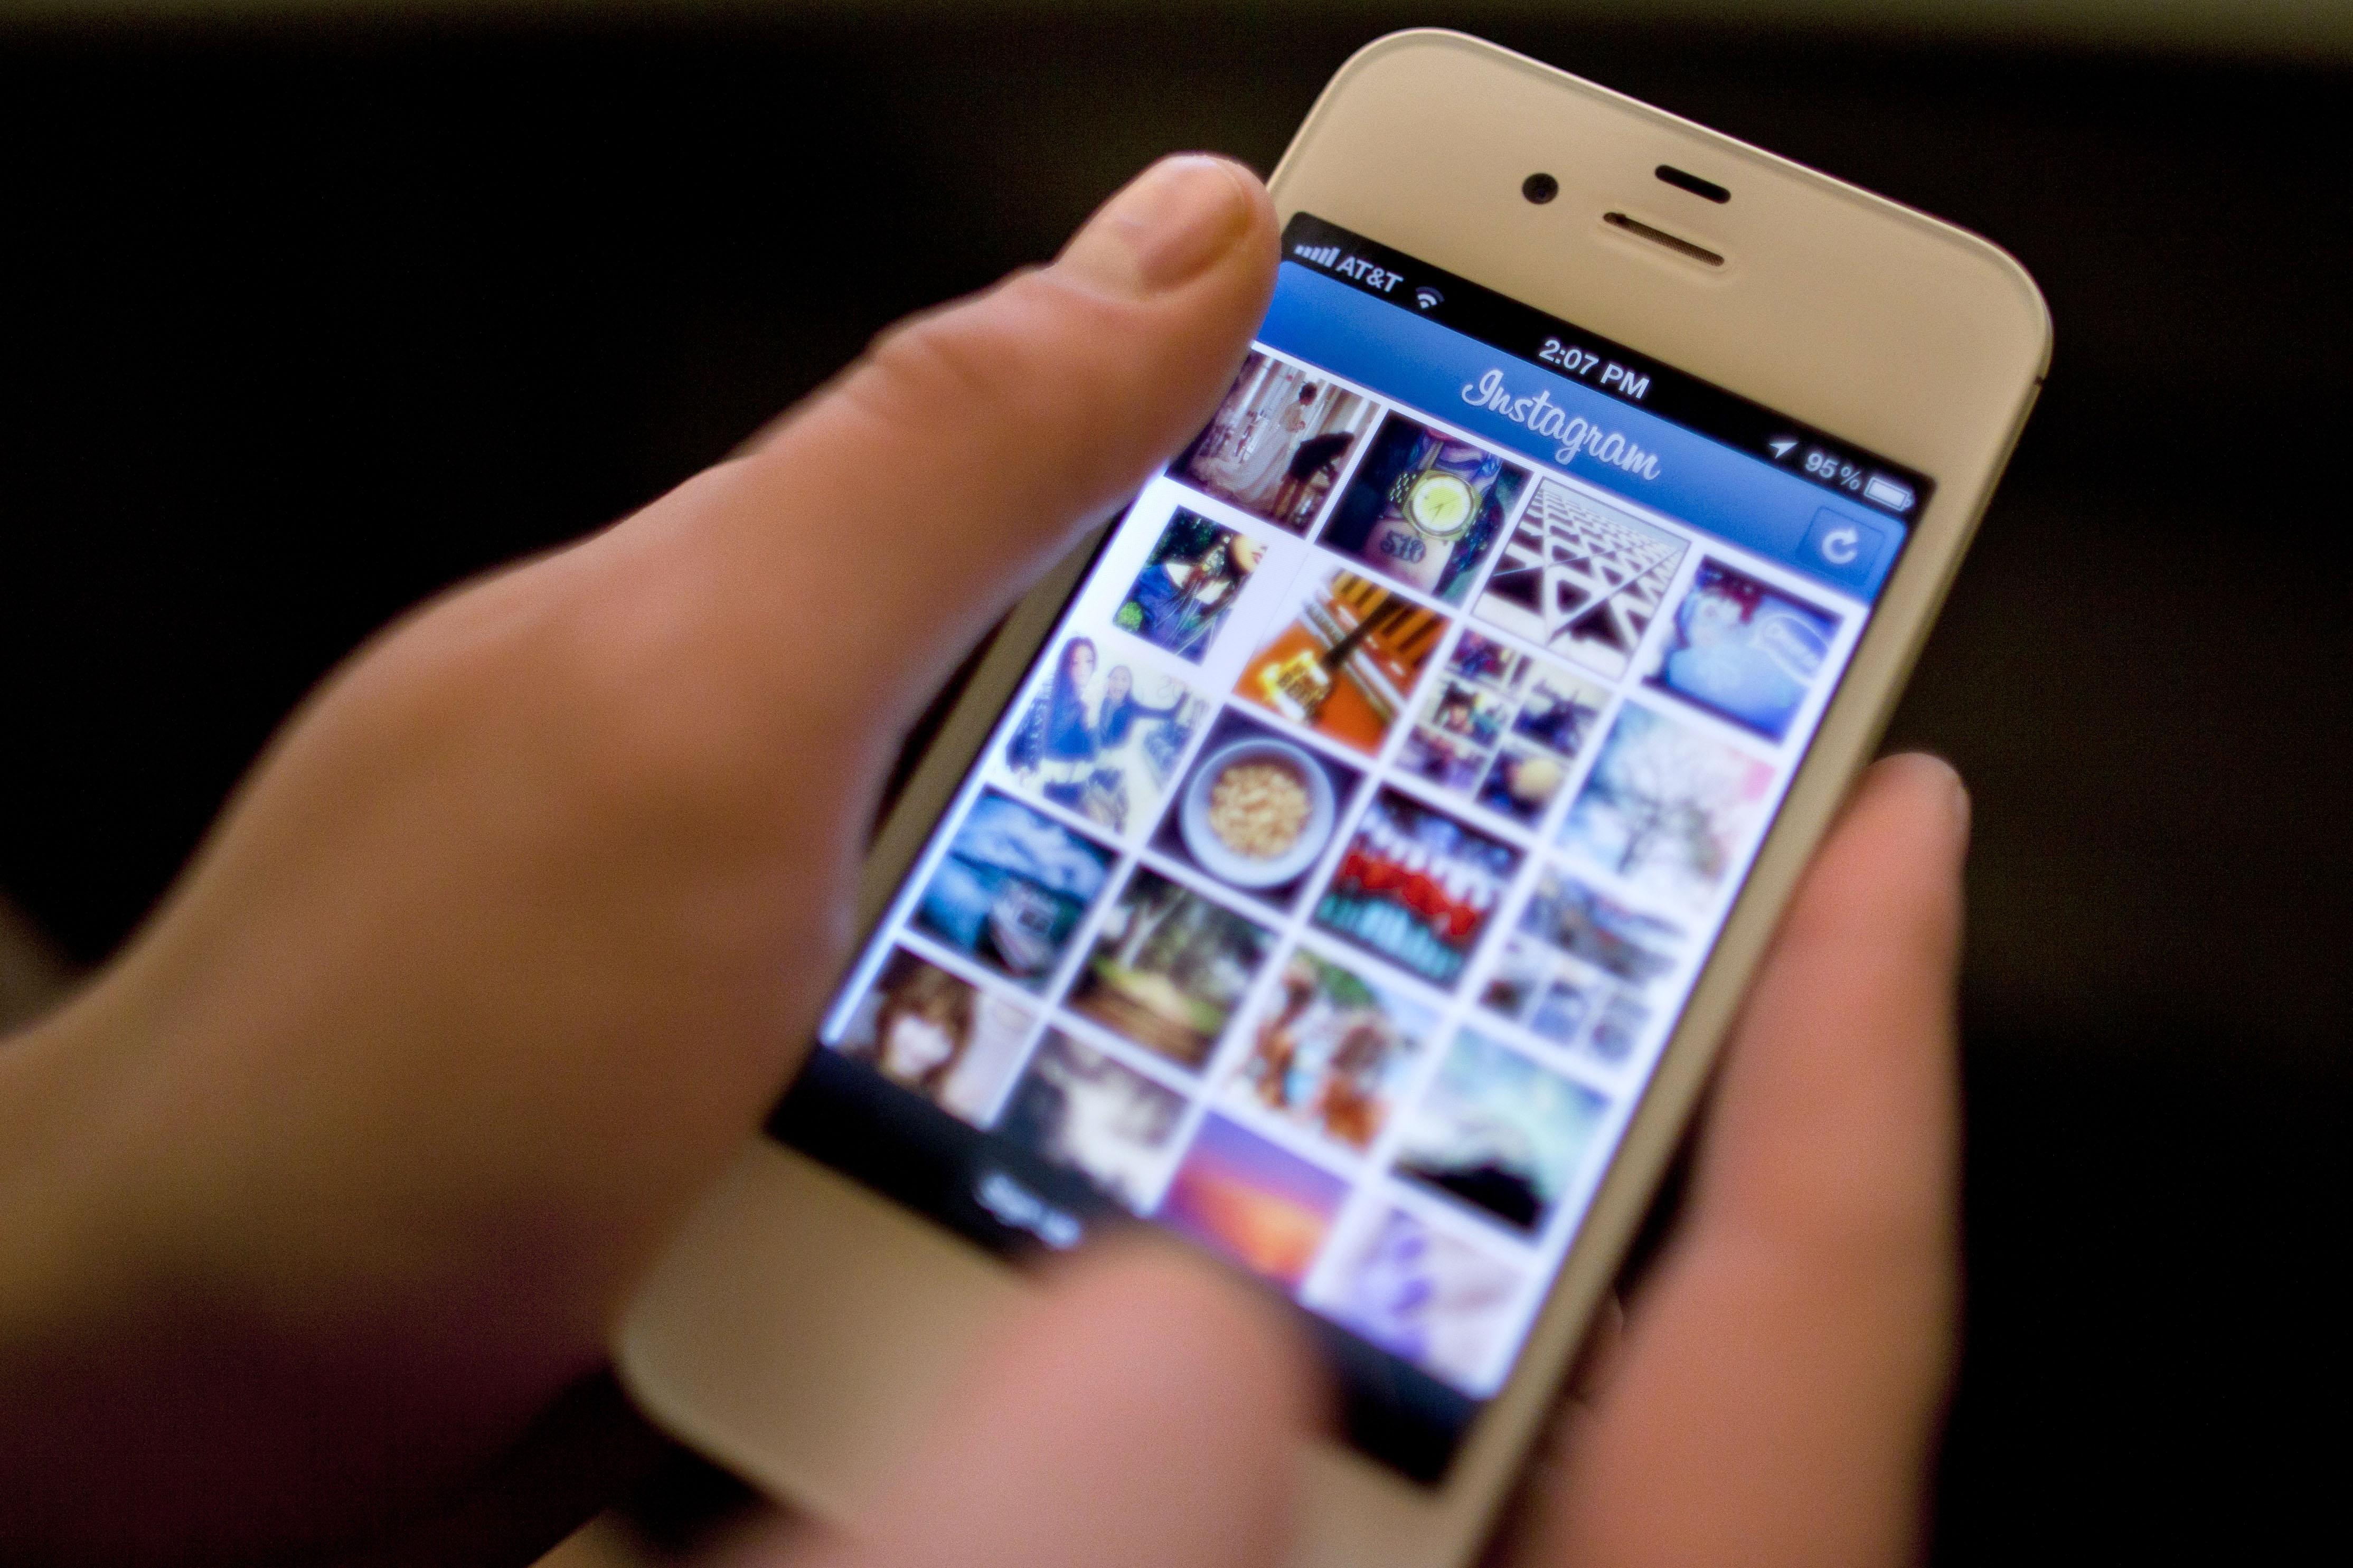 Instagram testa novo recurso que permite dividir as contas que você segue em categorias